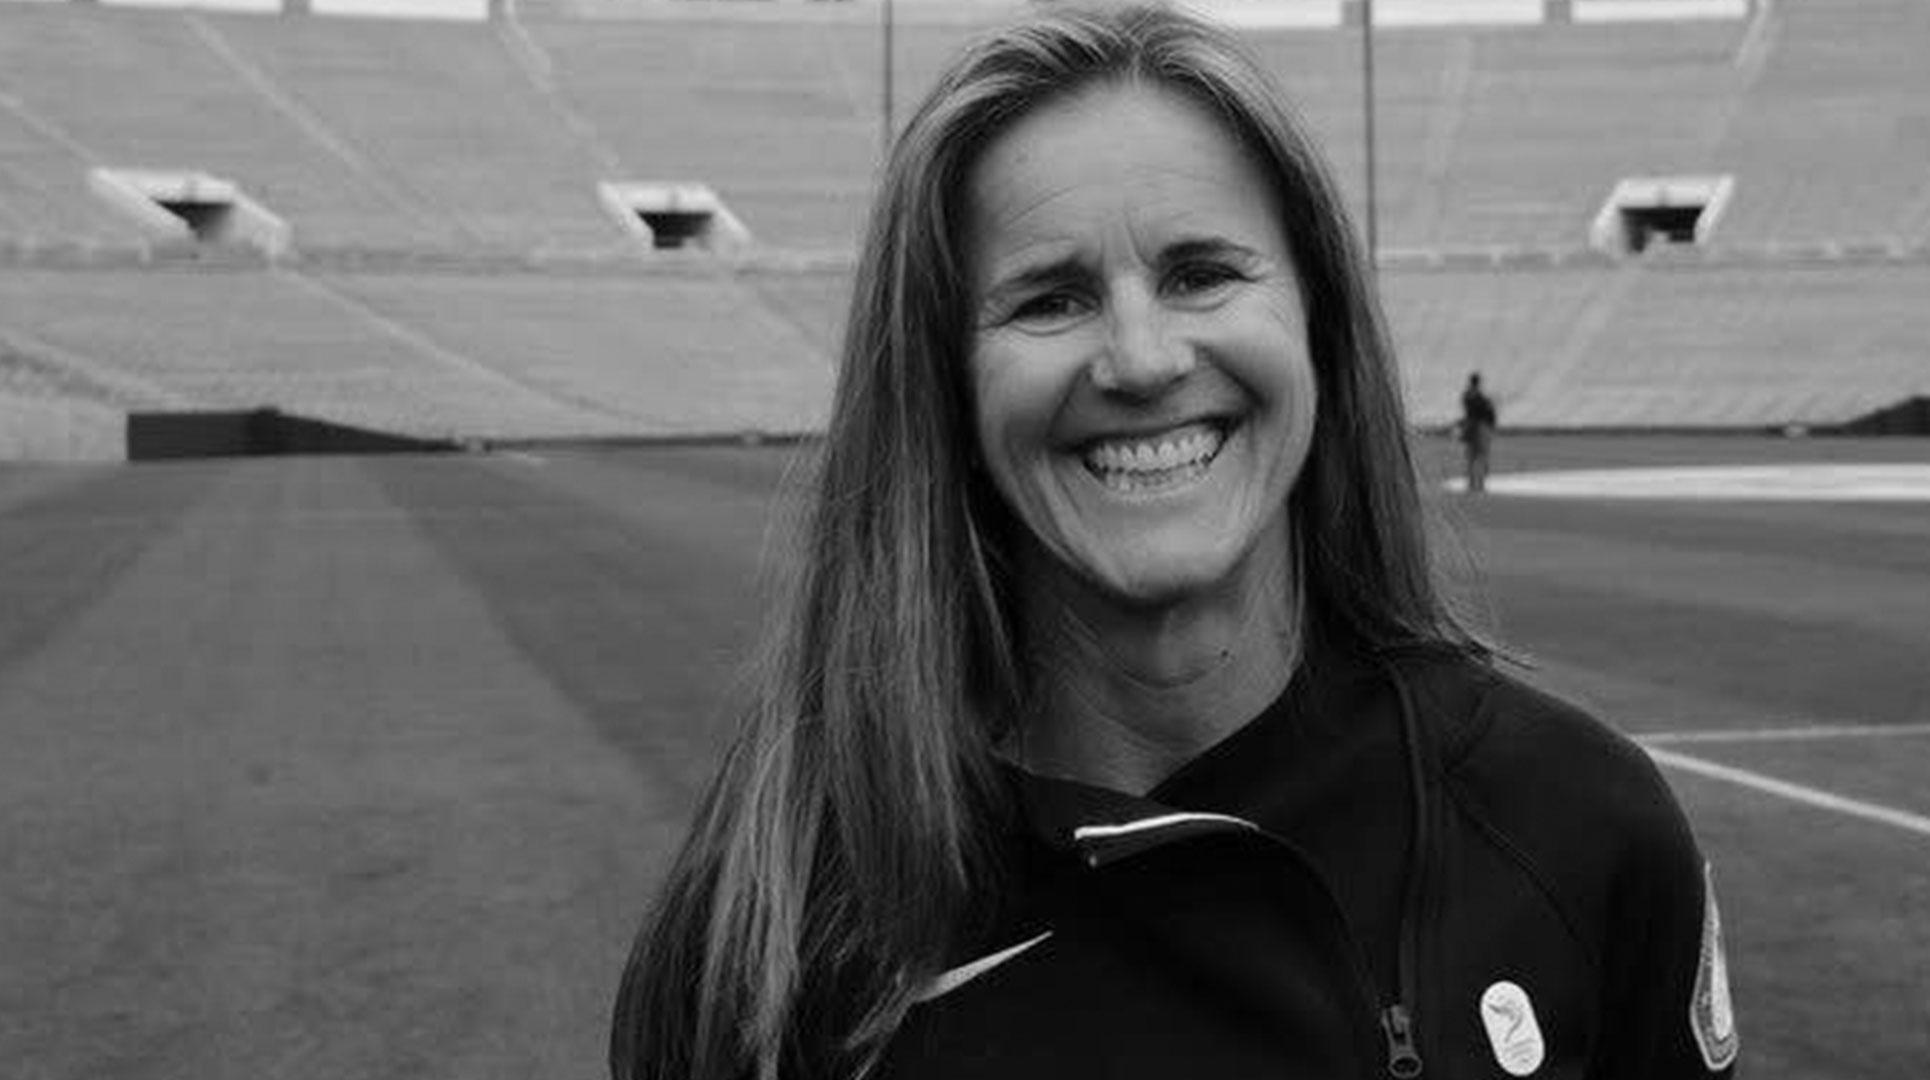 Coach Brandi Chastain